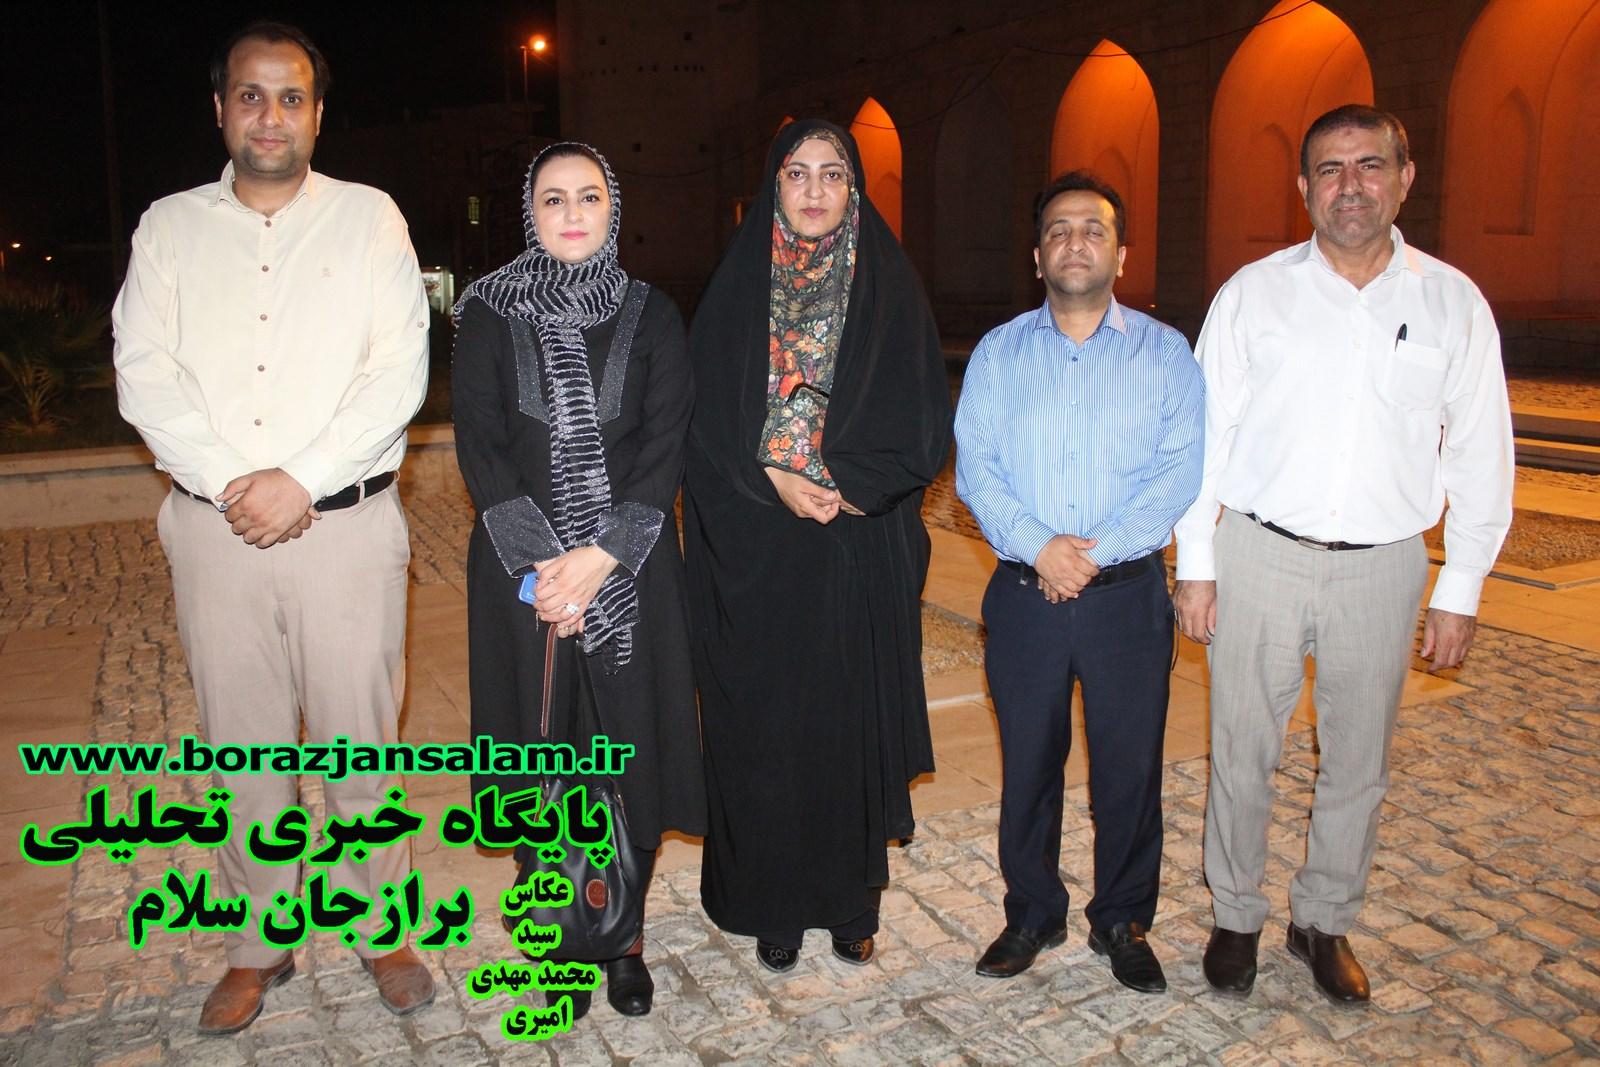 پیام تسلیت رئیس واعضای شورای اسلامی شهربرازجان به مناسبت ایام محرم